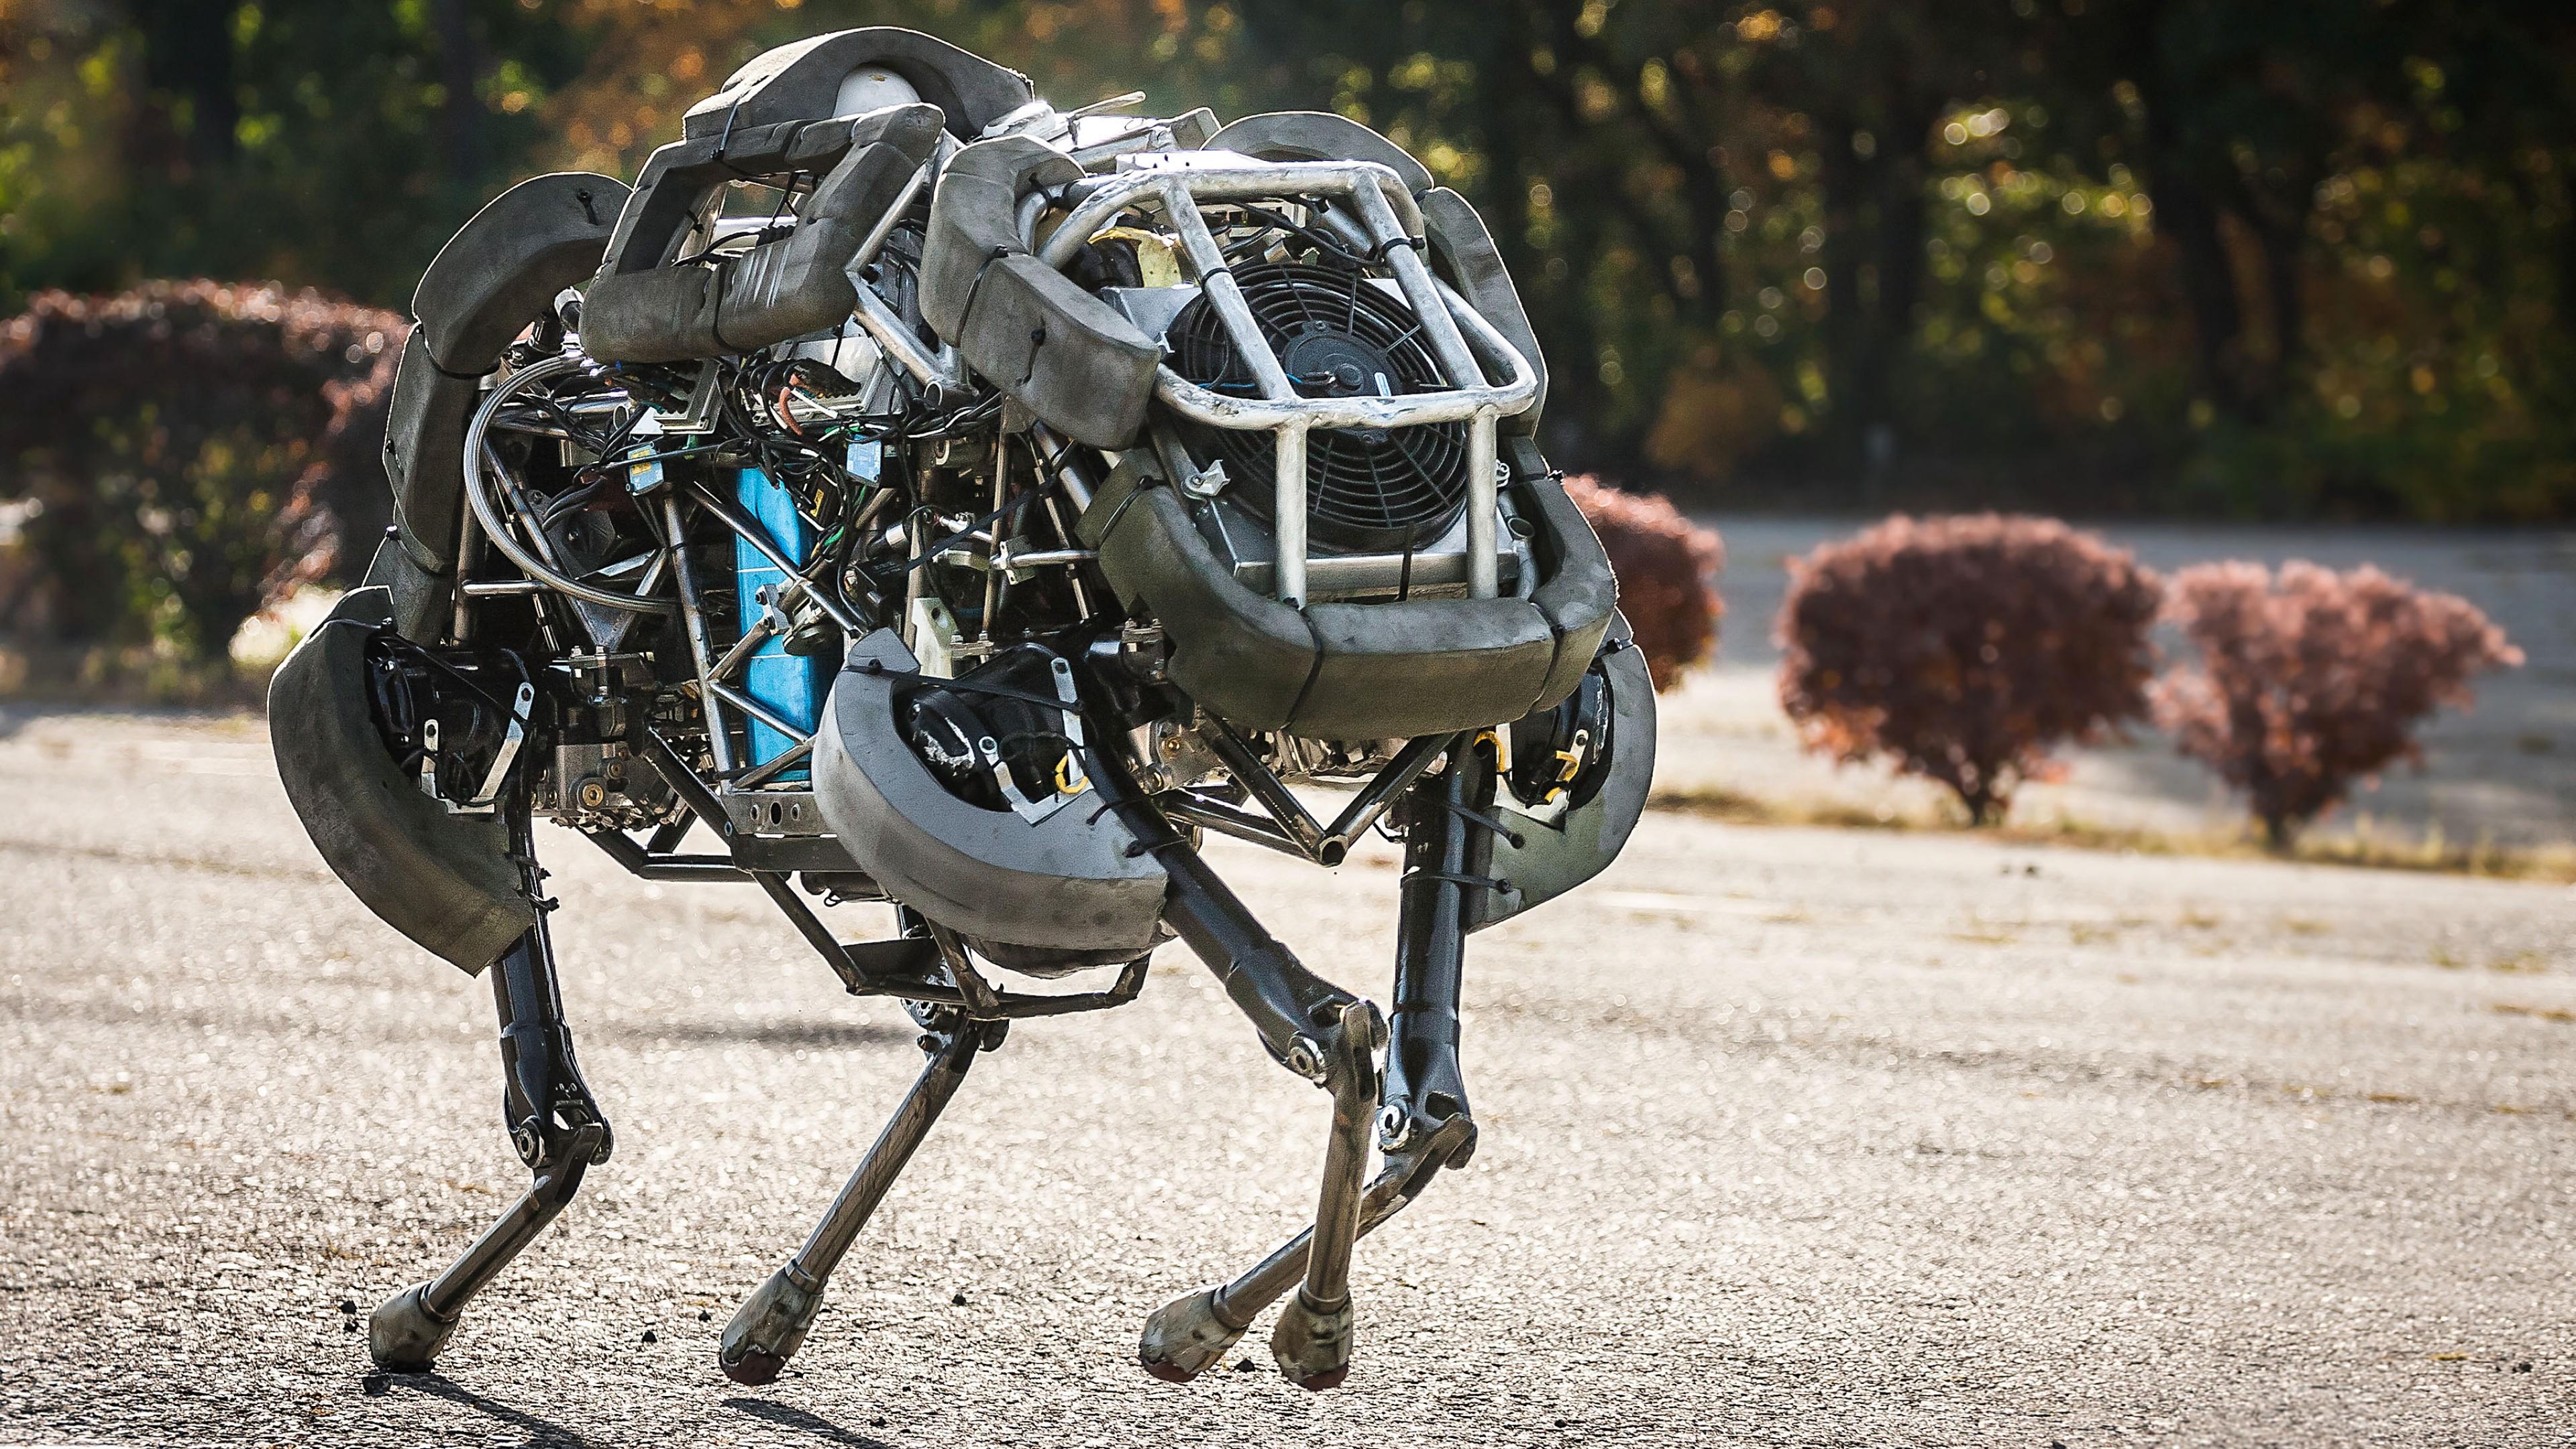 robot-3840x2160-dikiy-kot-skorost-2778.jpg